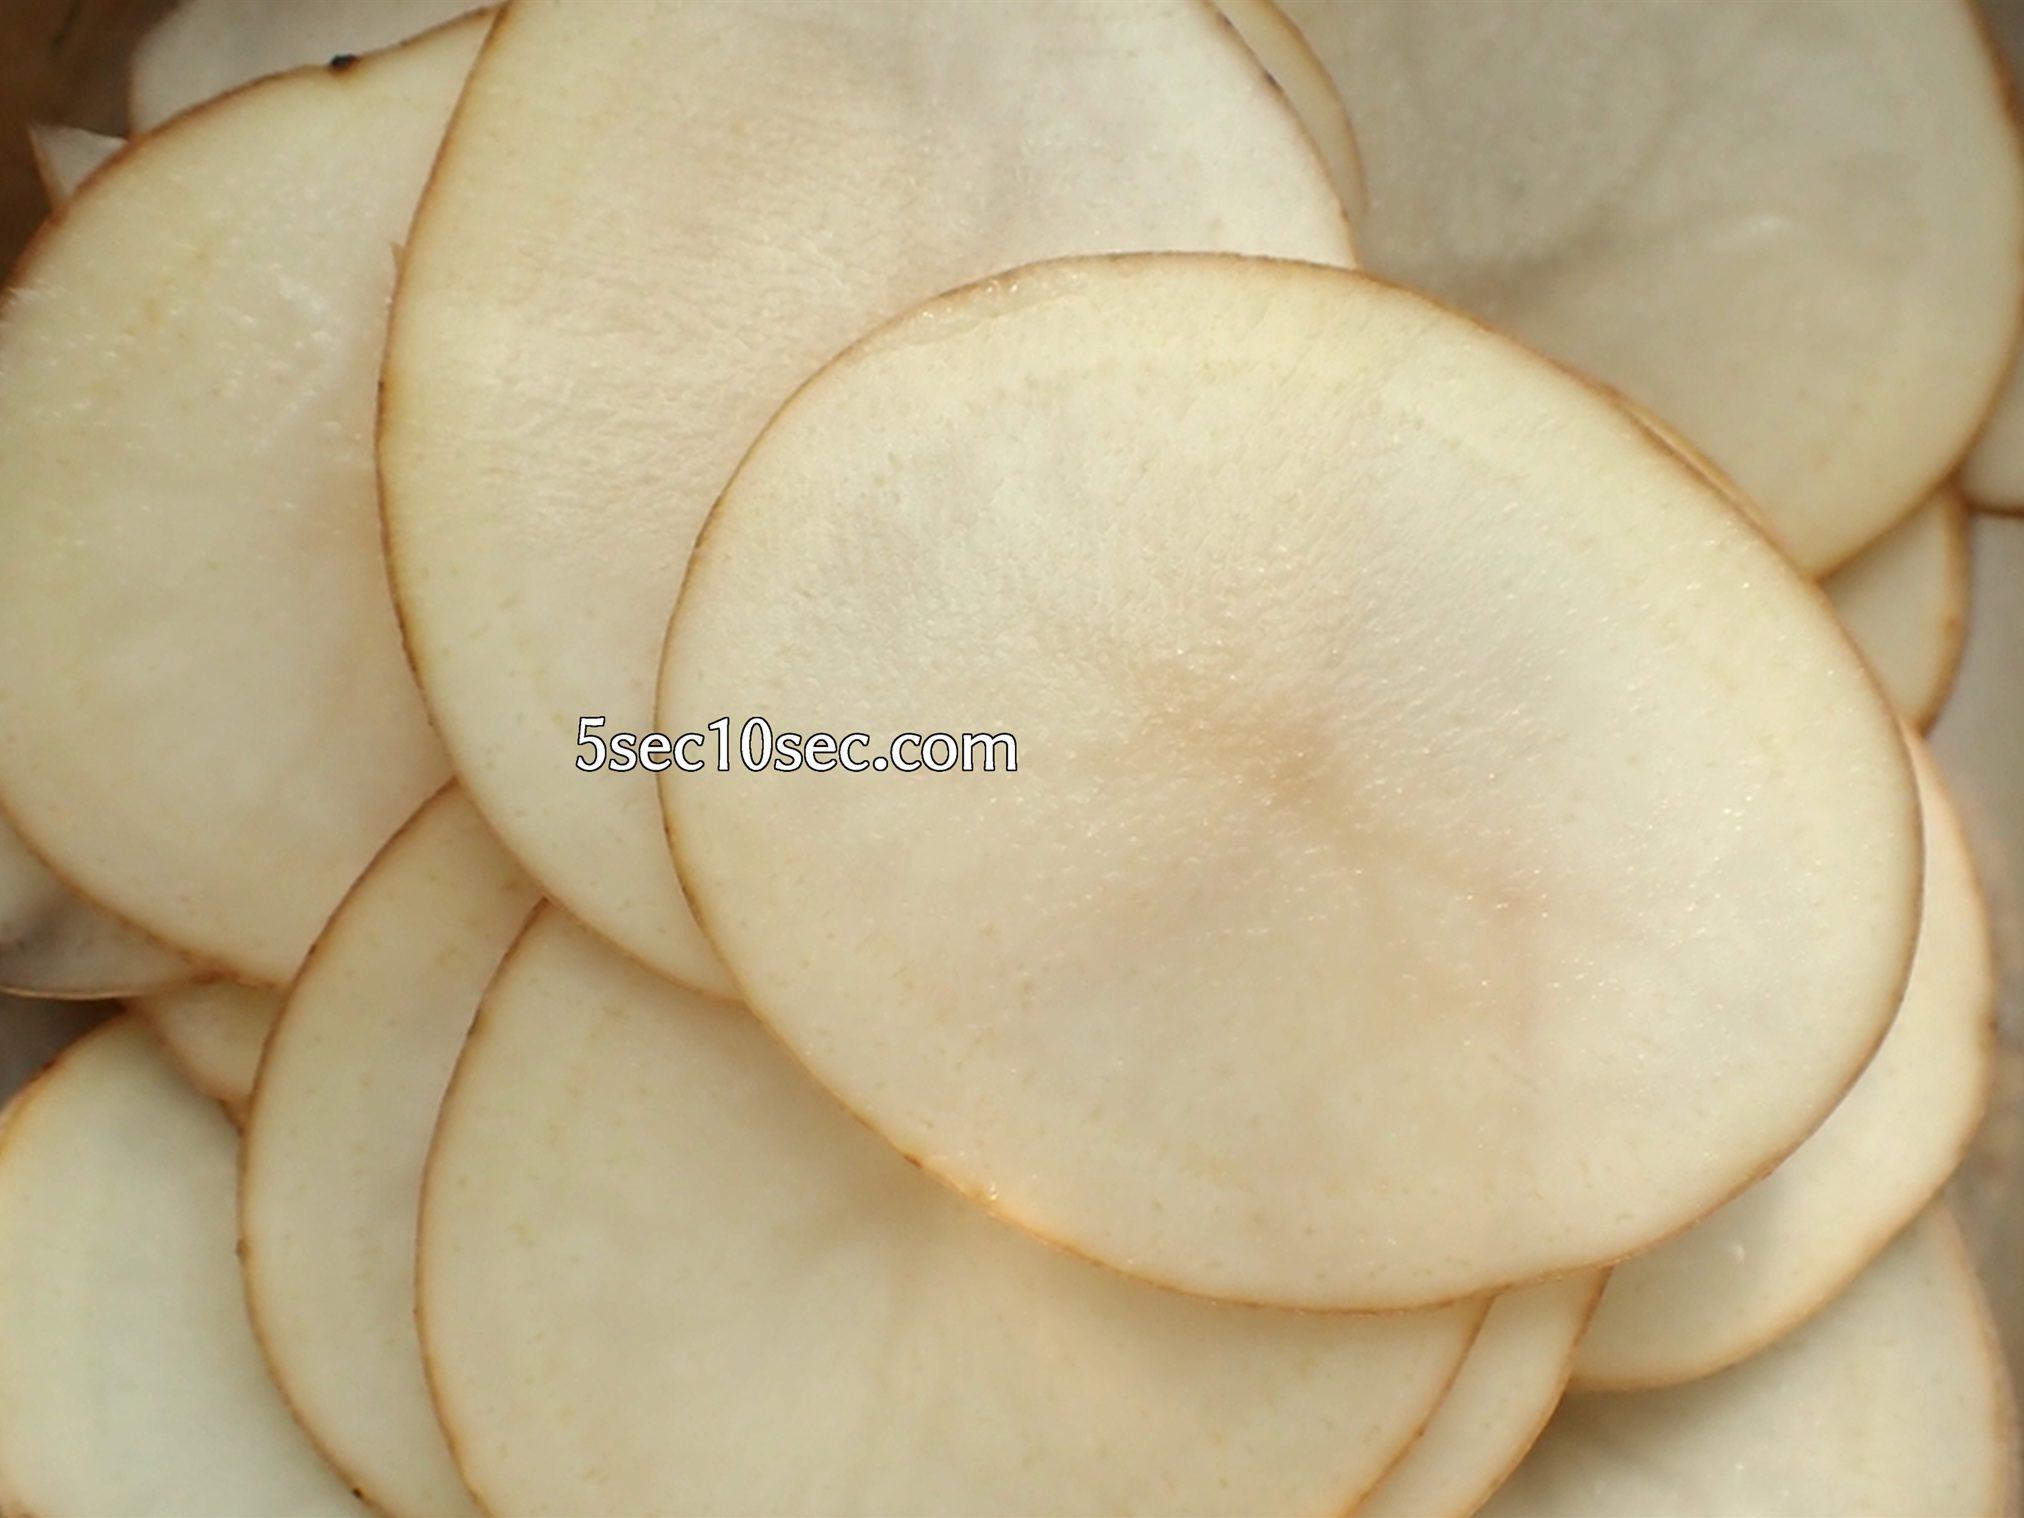 貝印 関孫六 可変式Vスライサー(ガード付き) レギュラー SEKIMAGOROKU スライサーを使ってポテトチップスを作る、作り方、レシピ